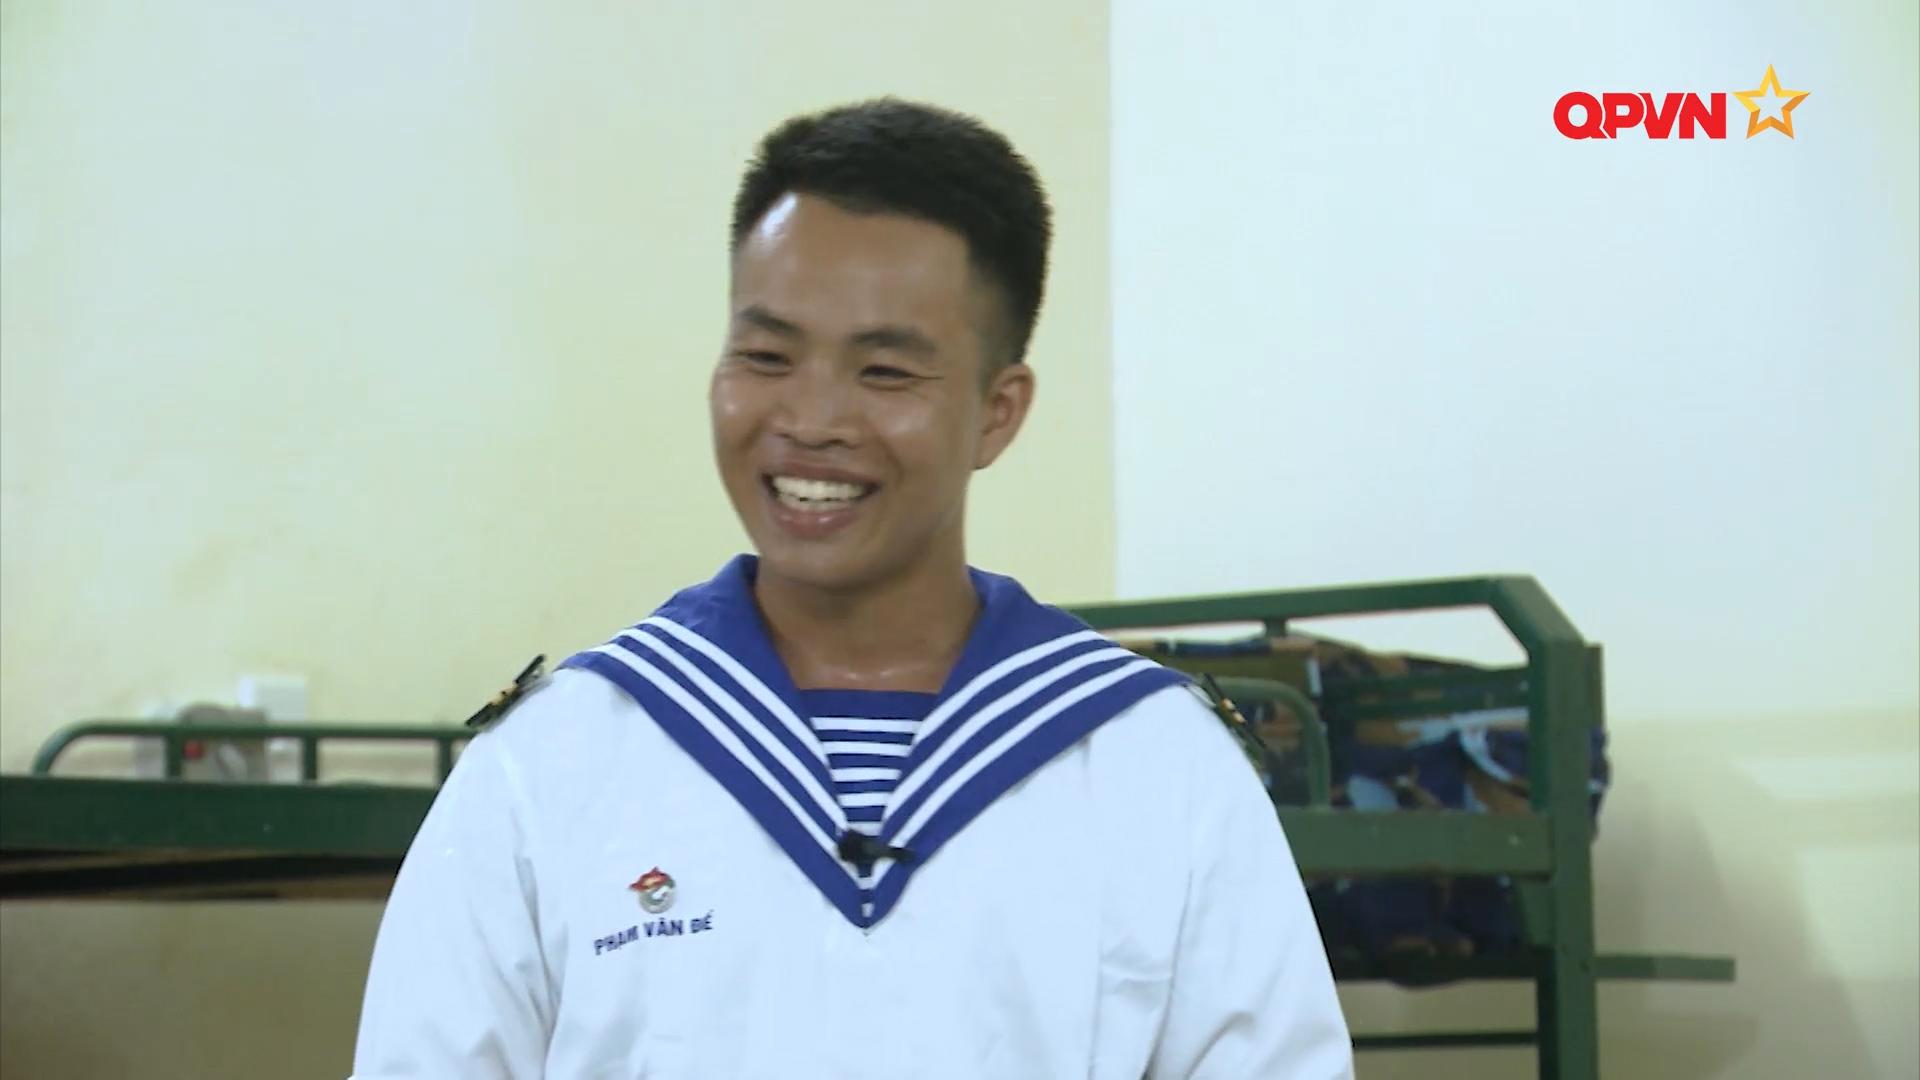 Tiểu đội trưởng Phạm Văn Để